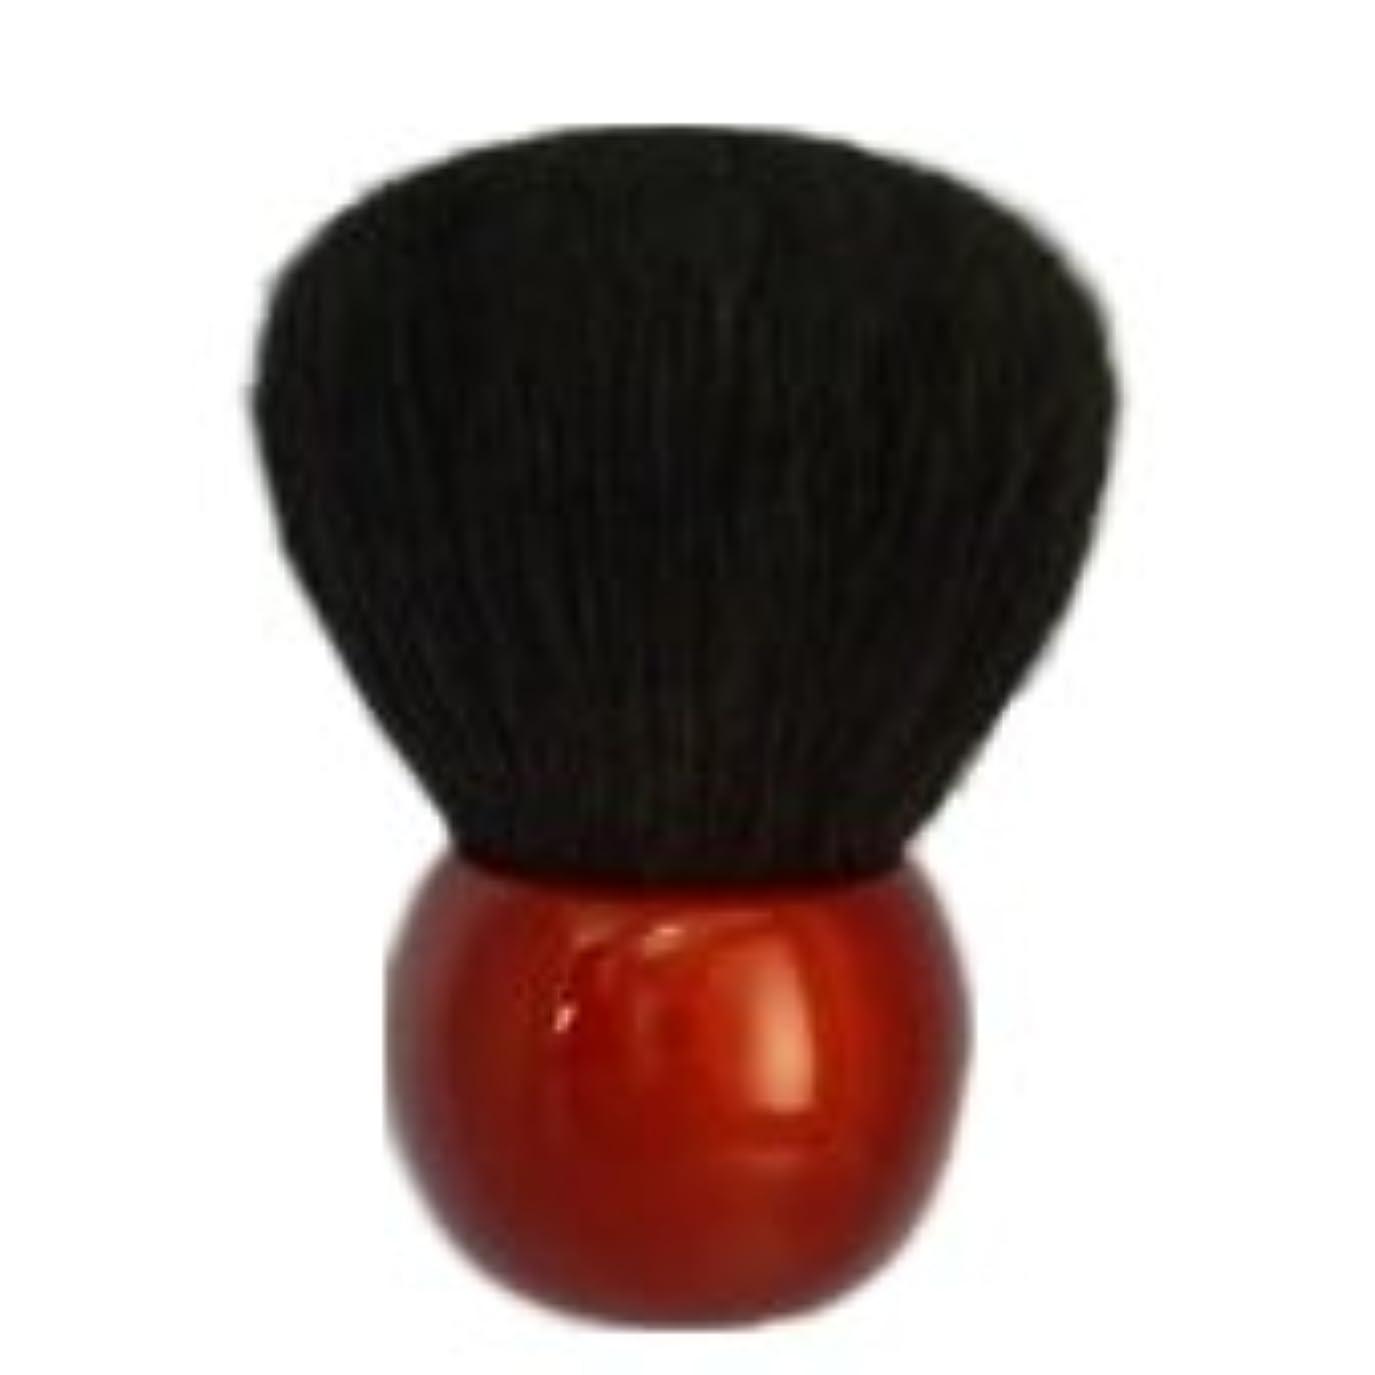 配当同一のバンケットパウダーブラシ ダルマ  高級山羊 /熊野筆/宮尾産業化粧筆(メイクブラシ) MA-1